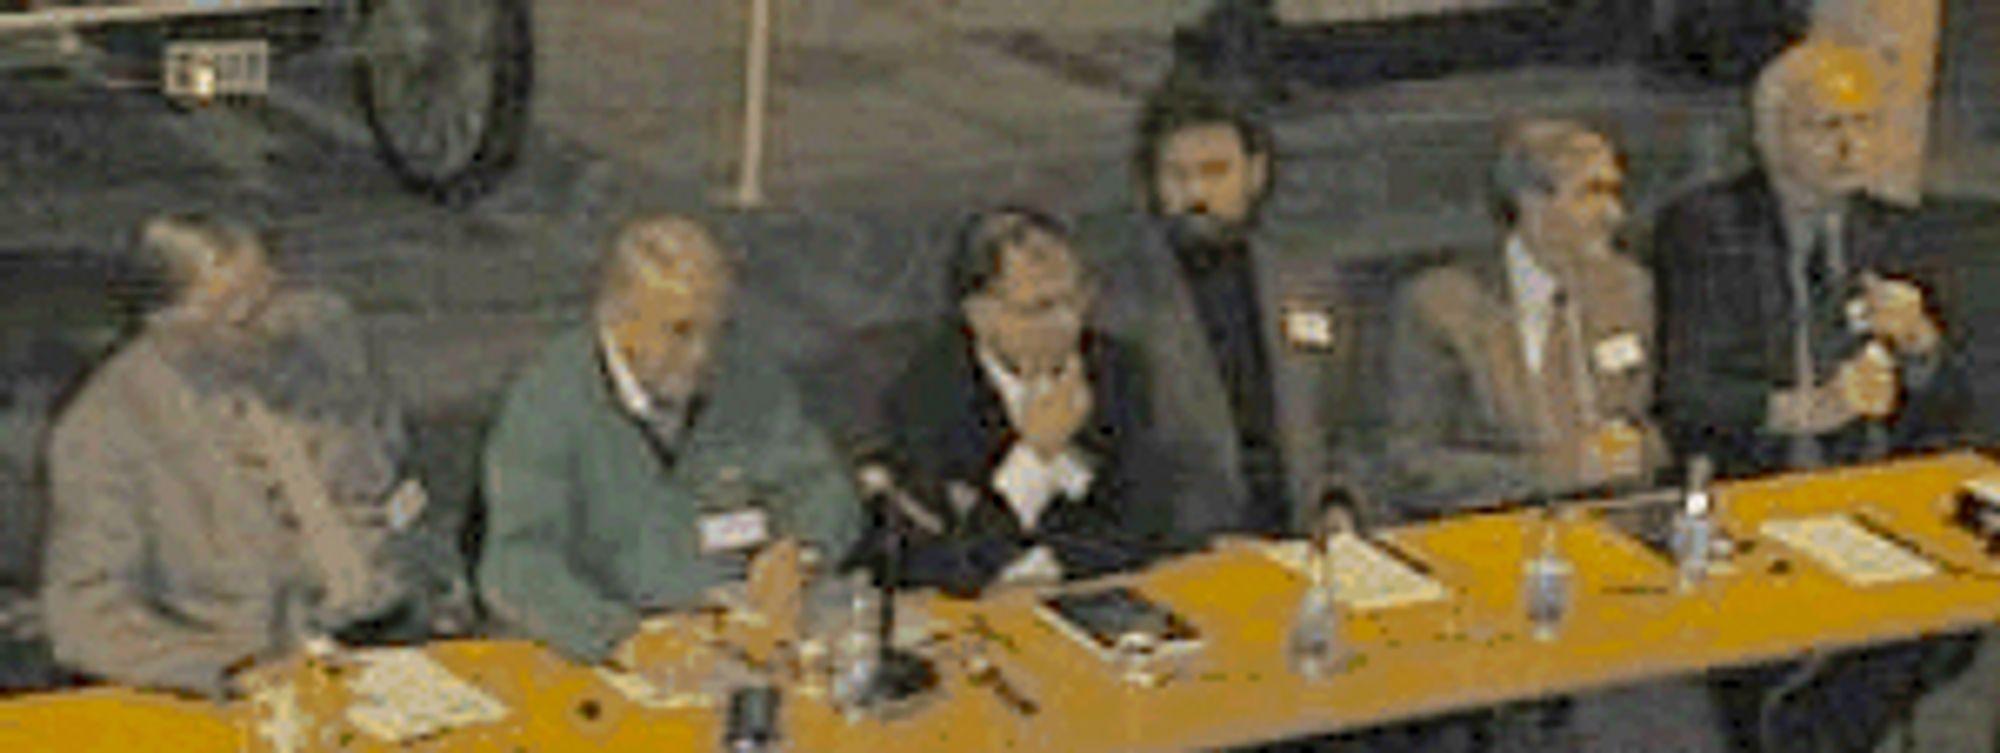 Fra rundbordskonferansen om IT-historie 18. november 1999. Fra venstre: Rolf Nordhagen (professor, tidligere sjef for EDB-senteret ved Universitetet i Oslo), Magne Lein (ordstyrer), Arild Haraldsen (forfatter av boka Den forunderlige reisen gjennom IT-historien), Jan Rune Holmevik (historiker), Thomas Hysing (pensjonert konstruktør), Kristen Nygaard (professor). Foto fra 1999,